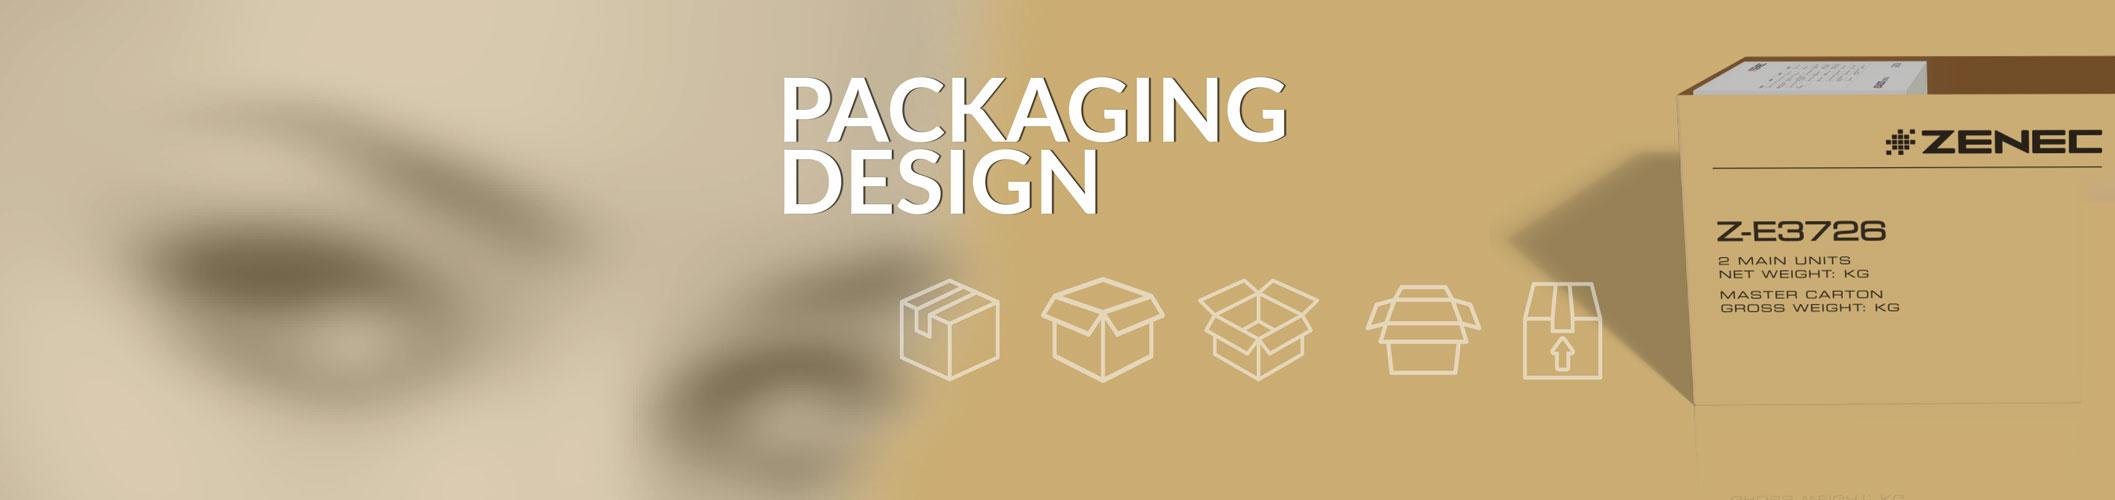 banner-packaging-ze5